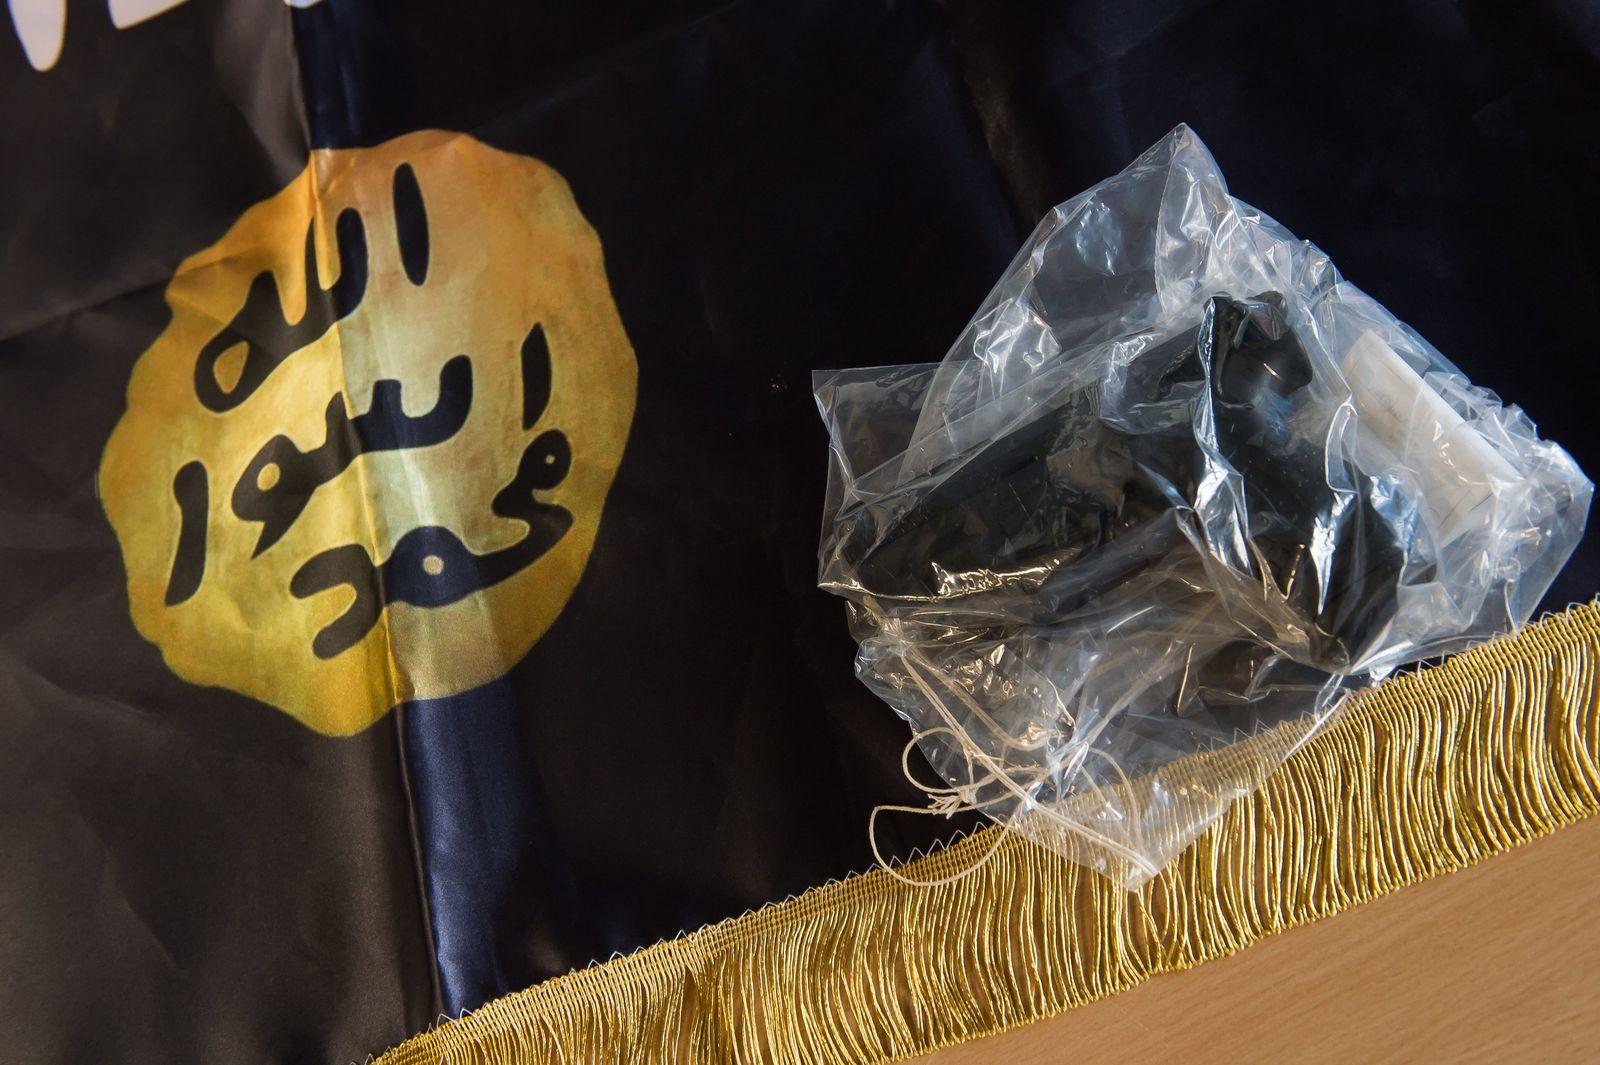 Zwei Salafisten in Göttingen festgenommen